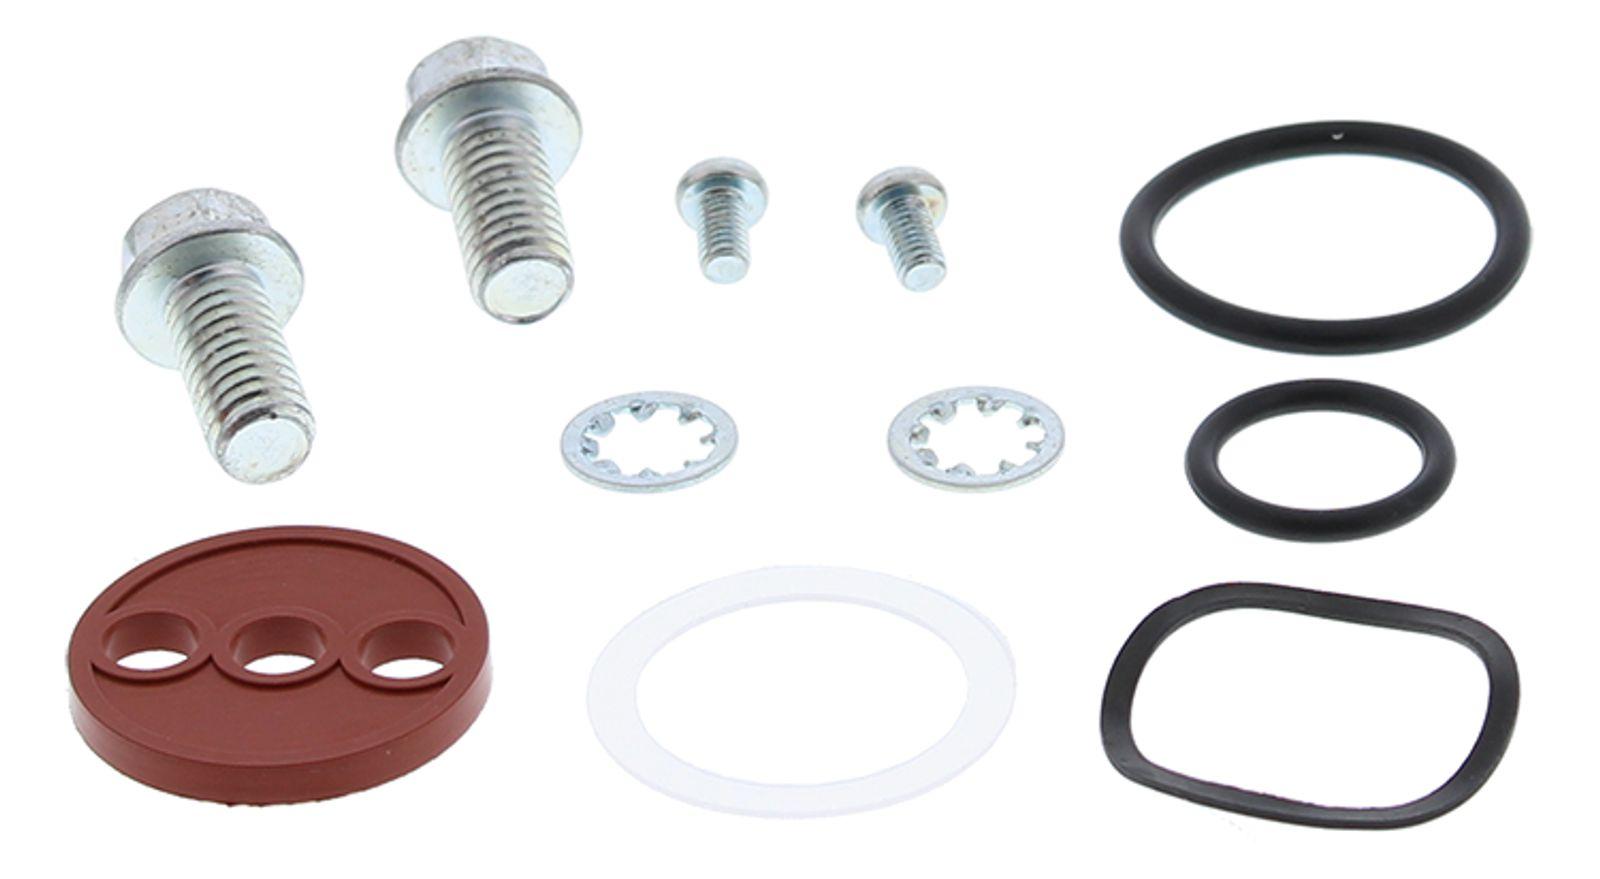 Wrp Fuel Tap Repair Kits - WRP601024 image